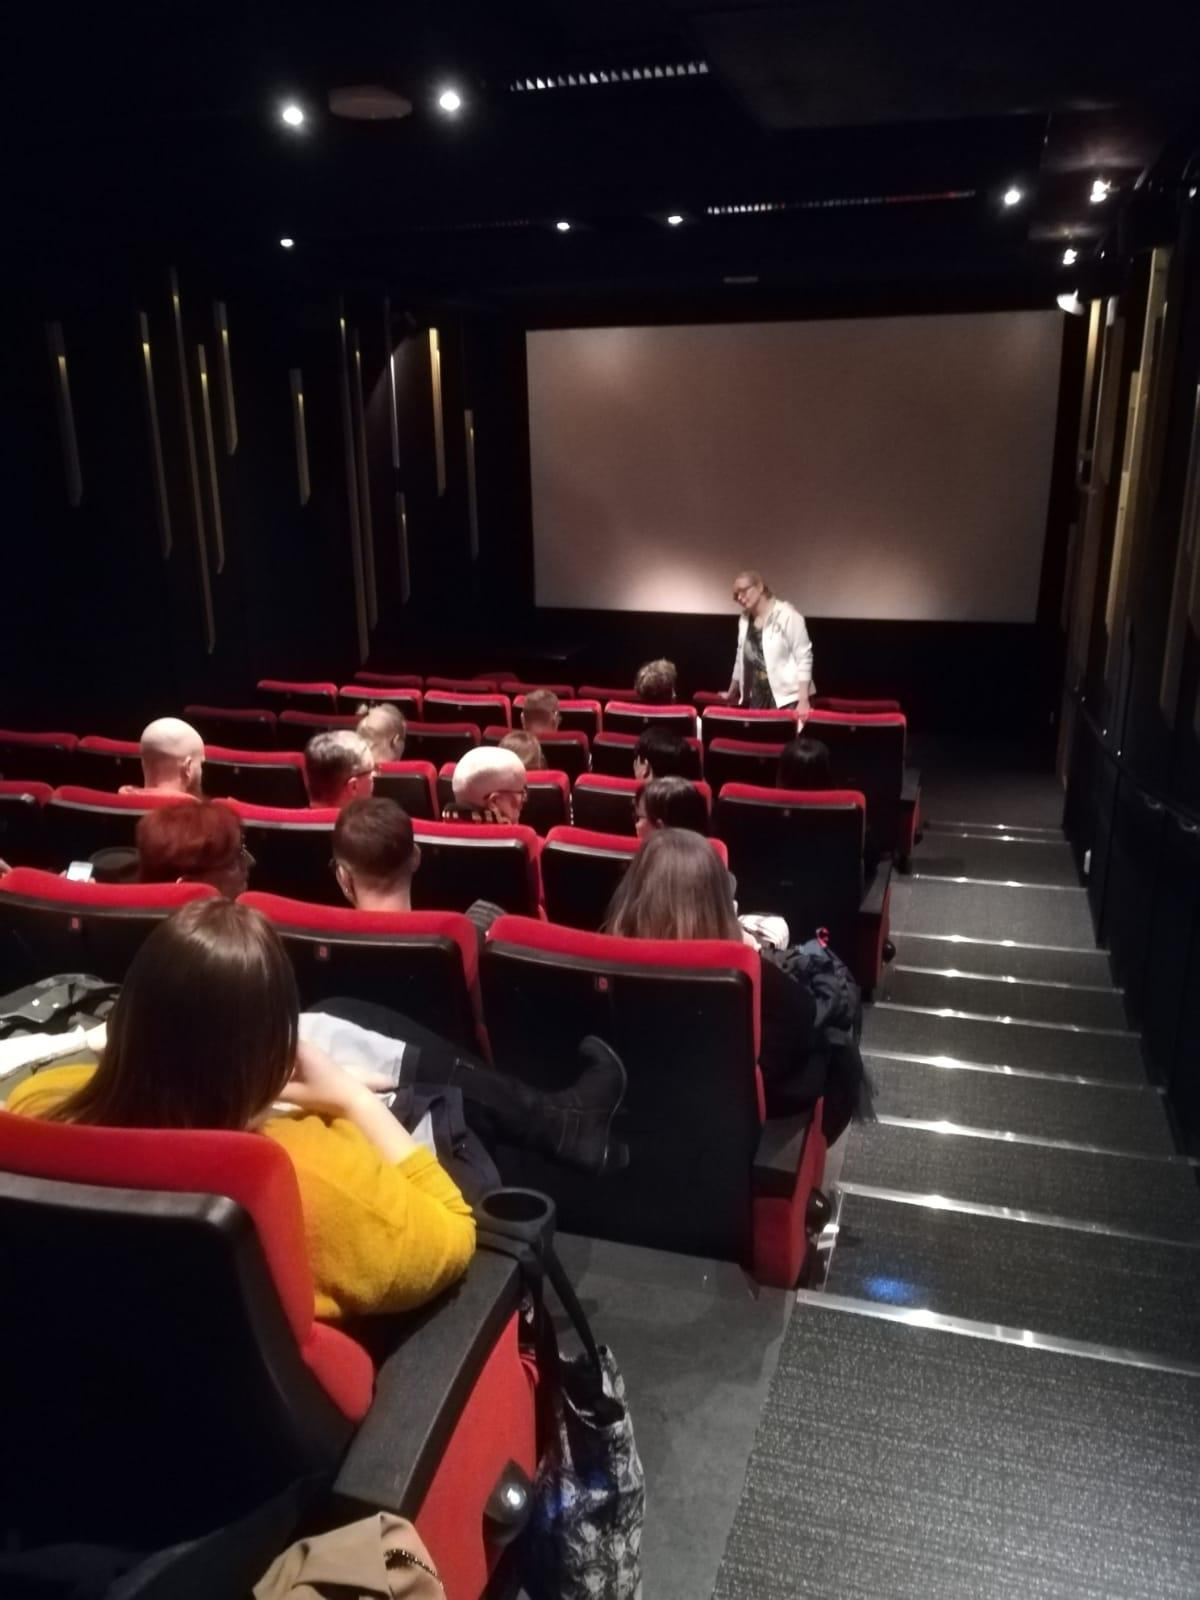 Huoman toiminnanjohtaja Sanna puhumassa elokuvateatterin valkokankaan edessä punaisilla penkeillä istuvalle yleisölle.